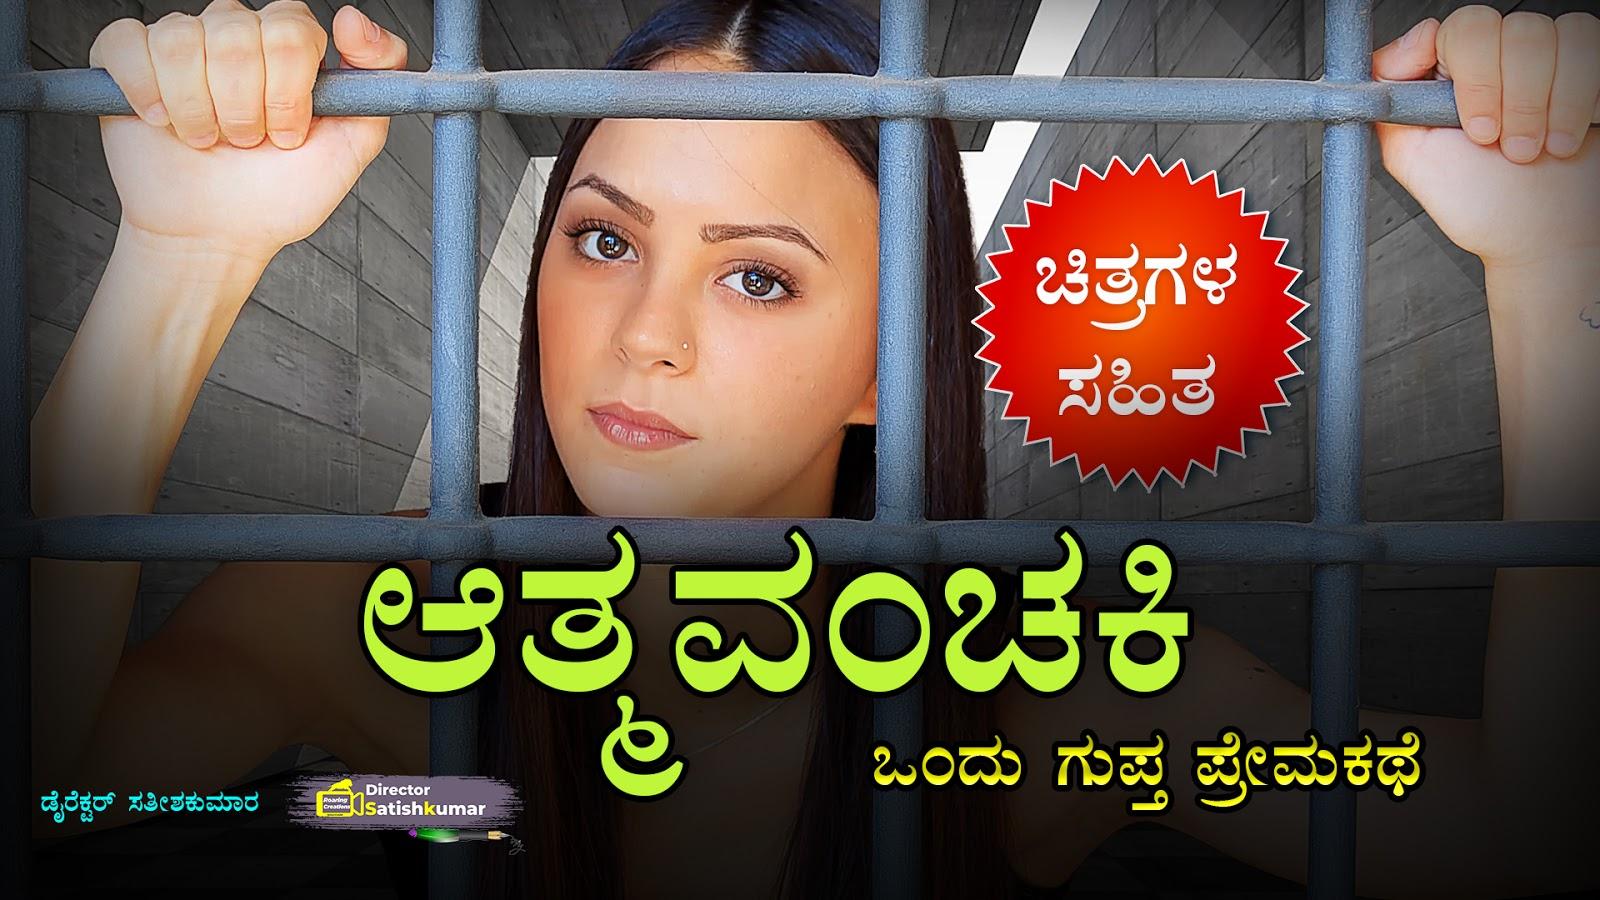 ಆತ್ಮವಂಚಕಿ : ಒಂದು ಗುಪ್ತ ಪ್ರೇಮಕಥೆ - Kannada Secret Love Story - ಕನ್ನಡ ಕಥೆ ಪುಸ್ತಕಗಳು - Kannada Story Books -  E Books Kannada - Kannada Books